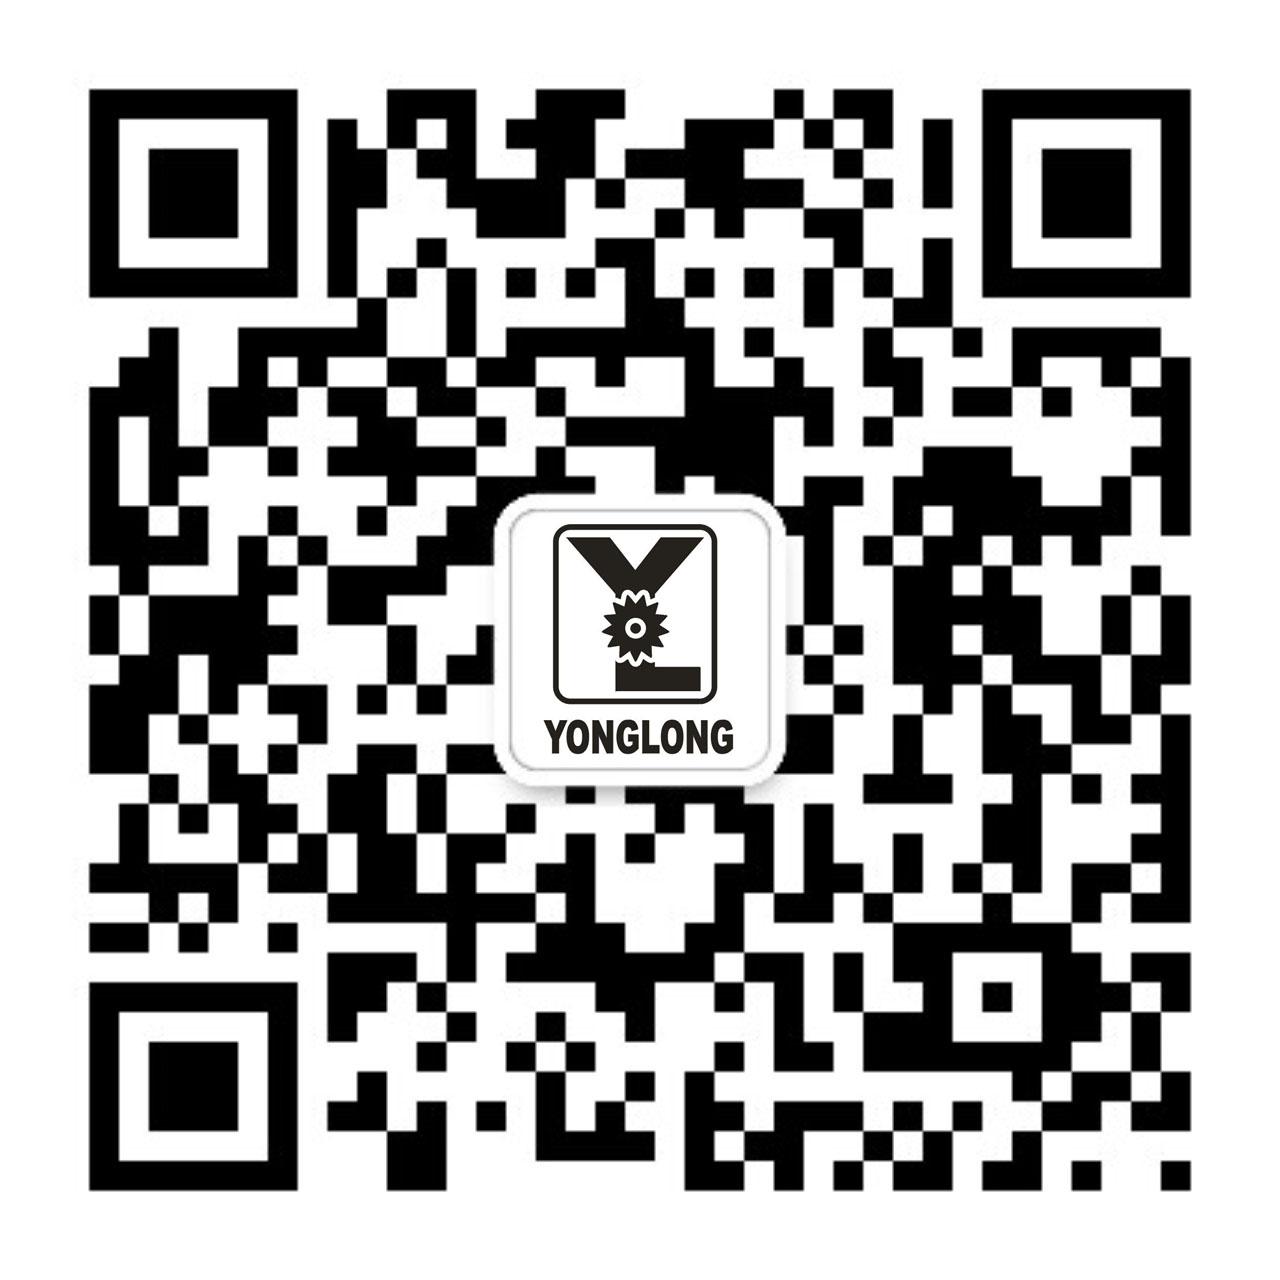 勇龙精密牙箱 微官网二维码